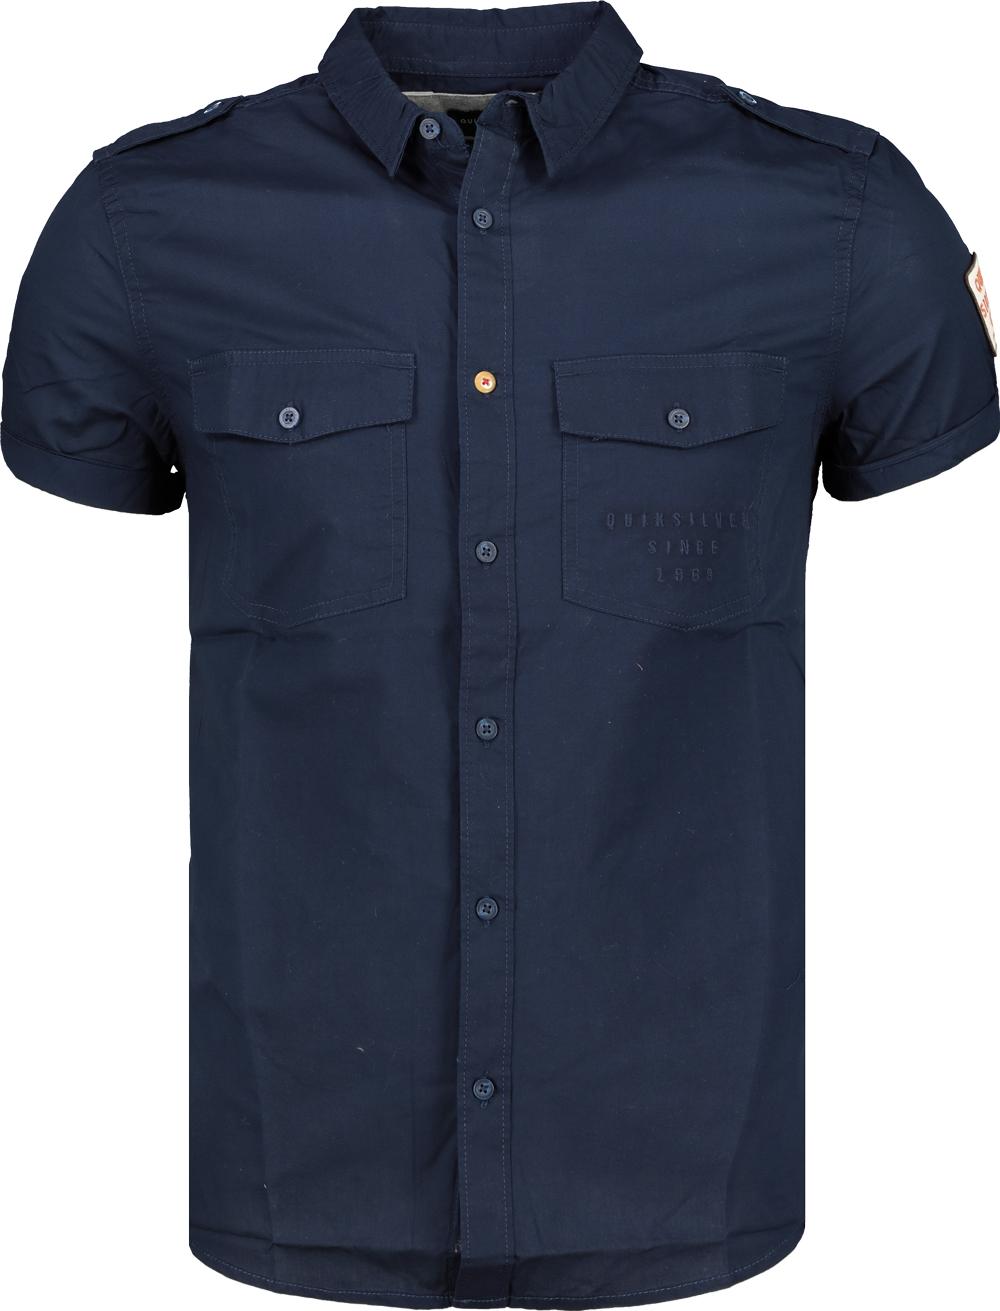 Men's shirt QUIKSILVER SSTRIPSTER M WVTP